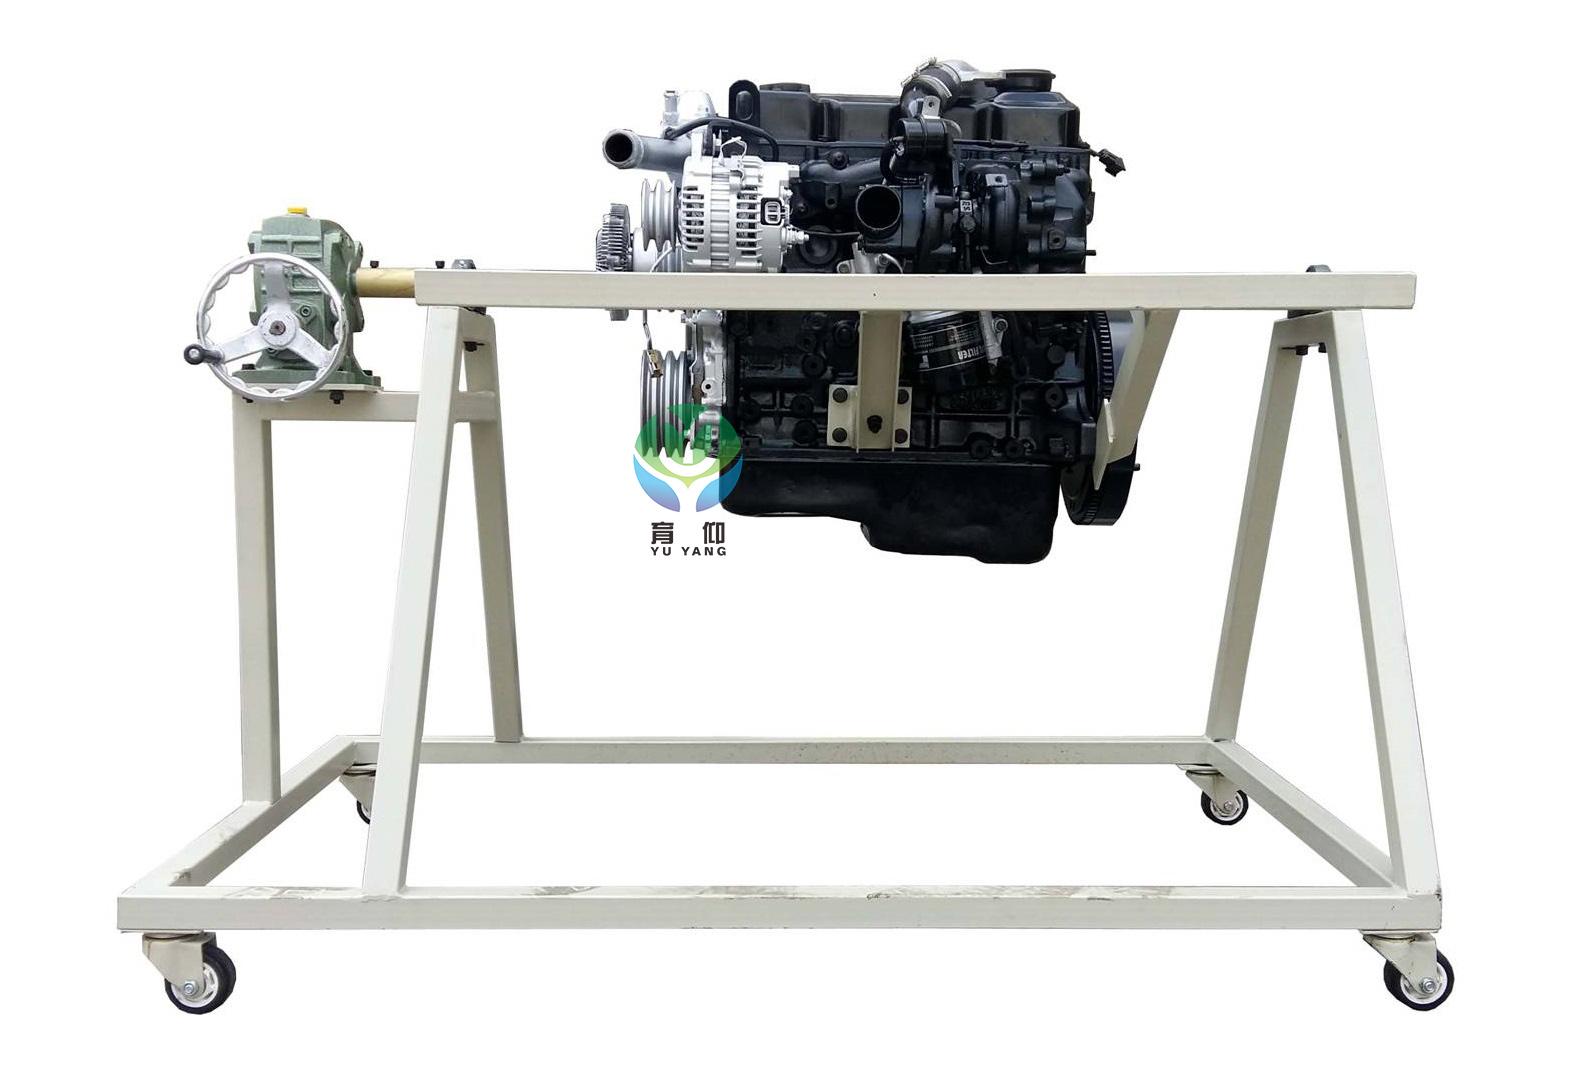 yuy-fz31勇士bj2022拆装用柴油发动机附翻转架|拆装附